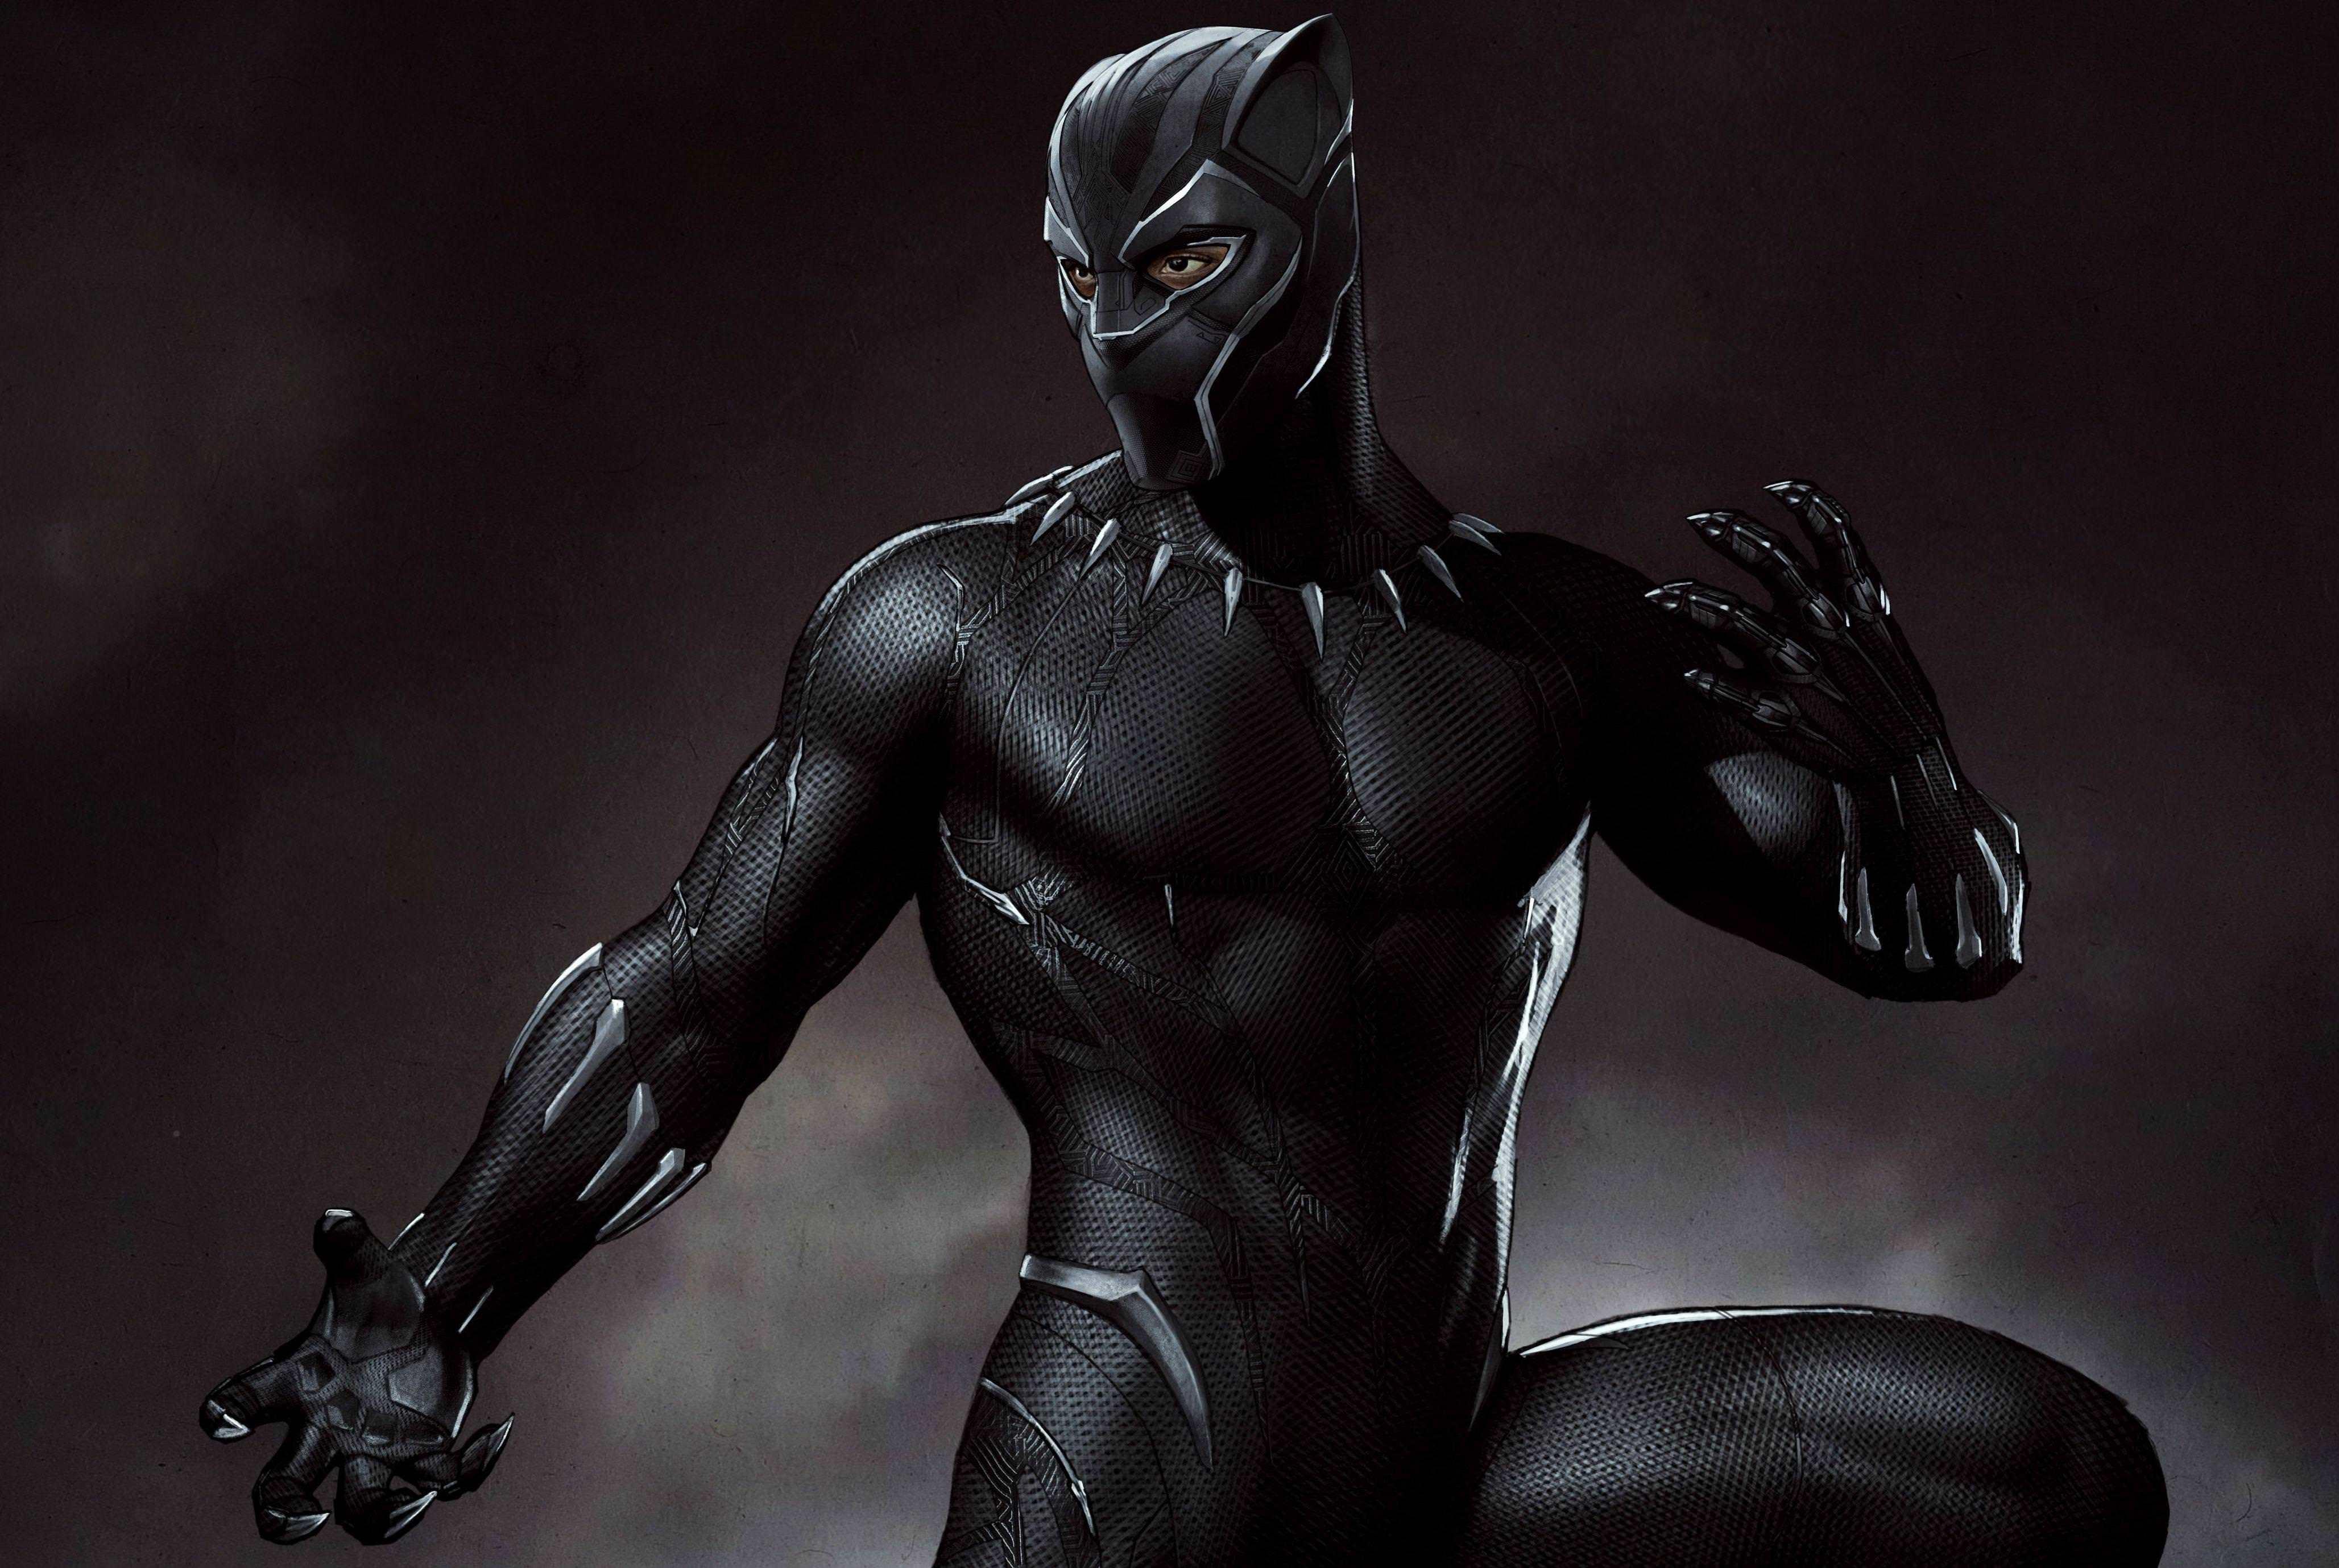 Marvel Black Panther Artwork, HD 4K Wallpaper